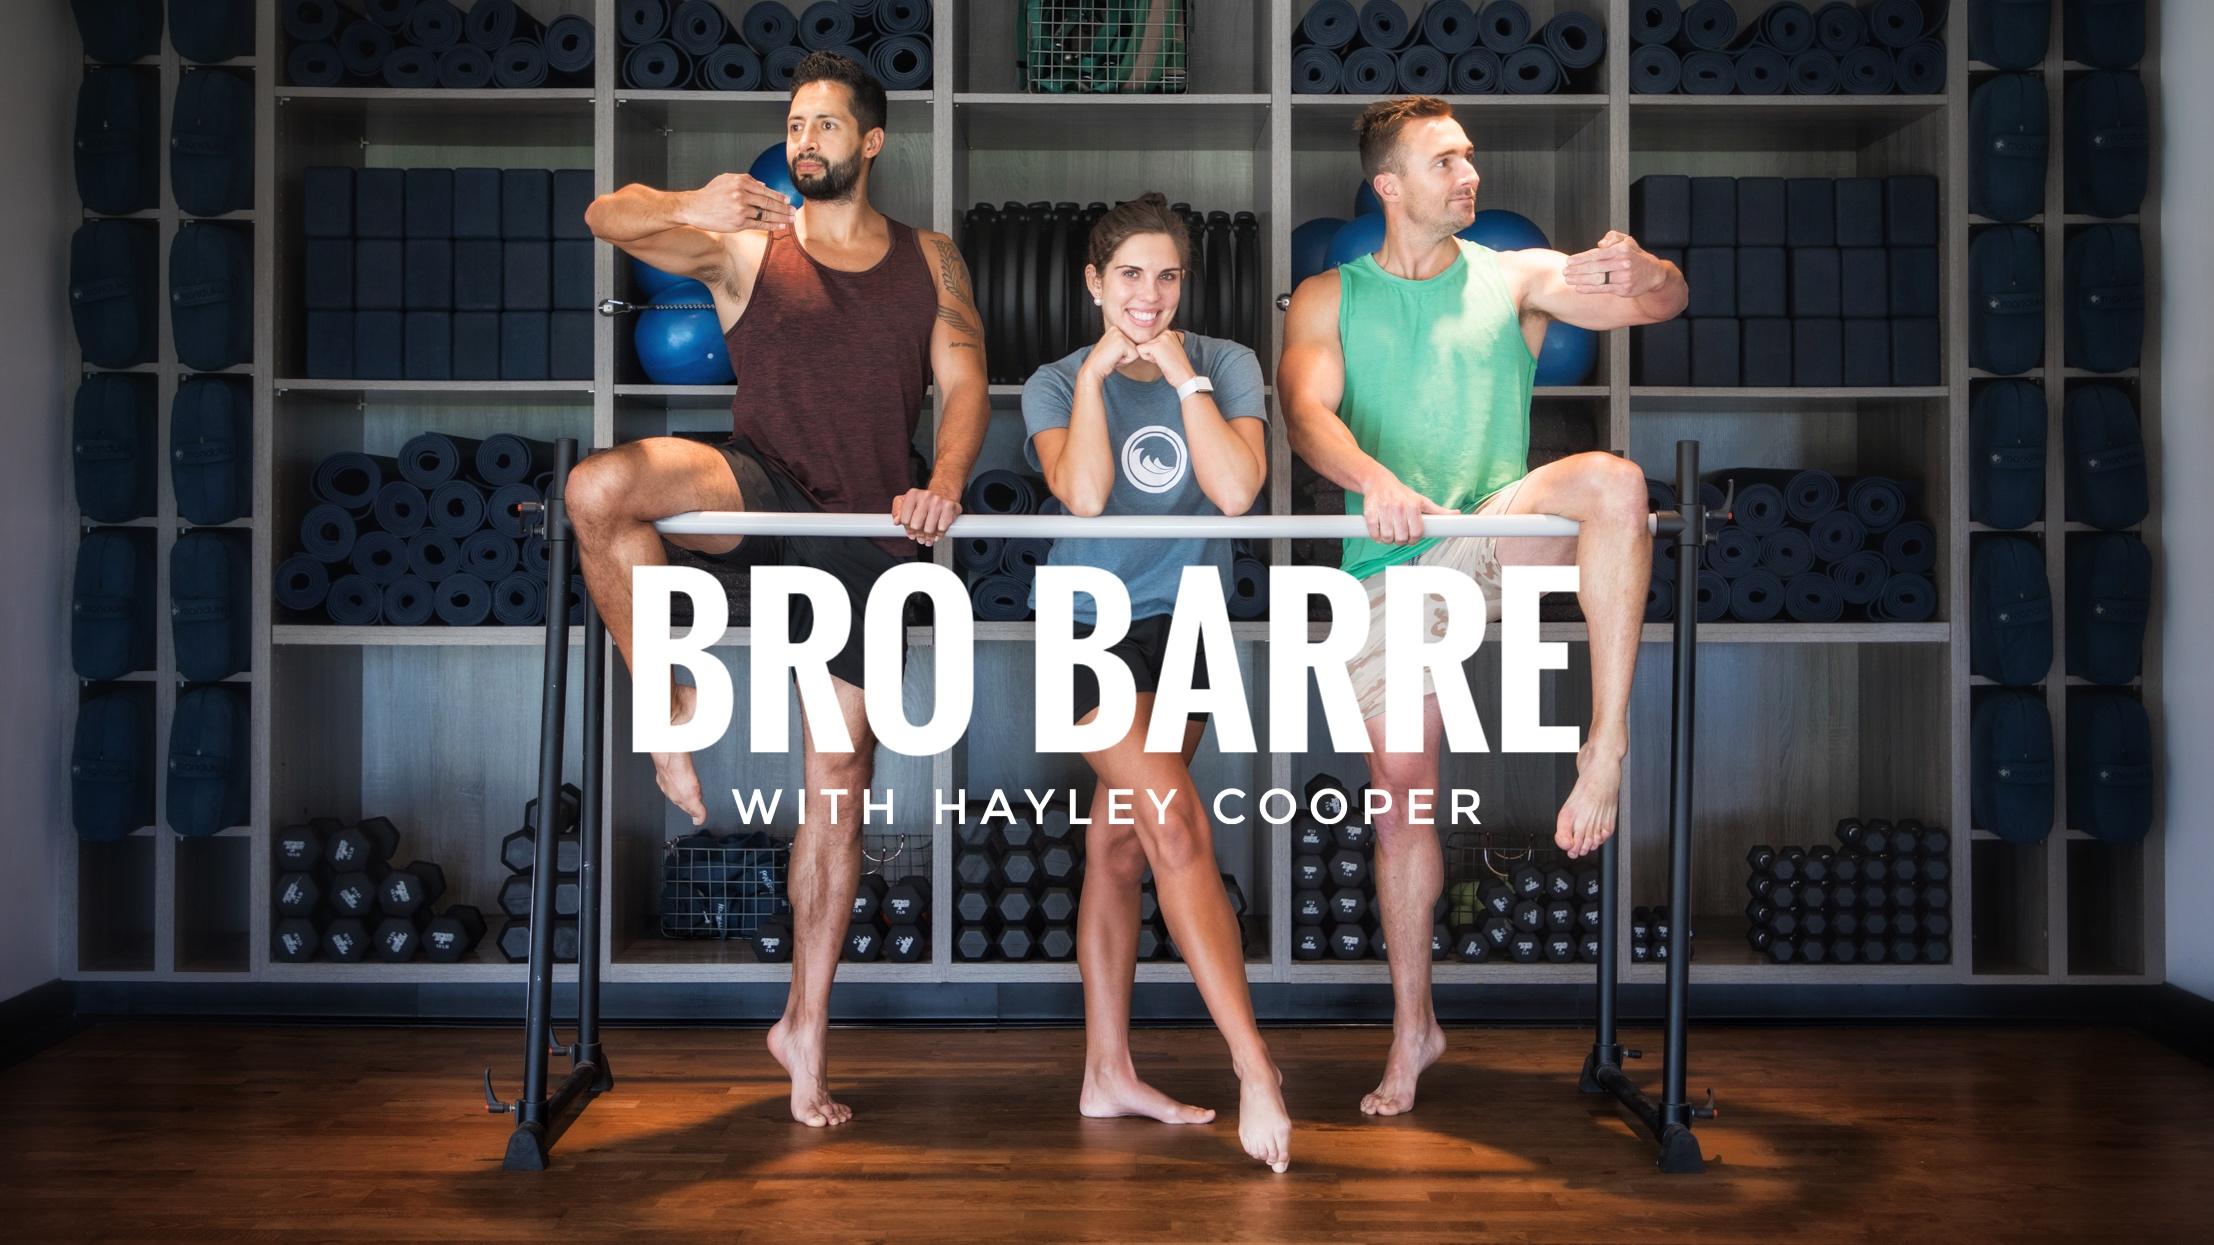 Bro Barre with Hayley Cooper